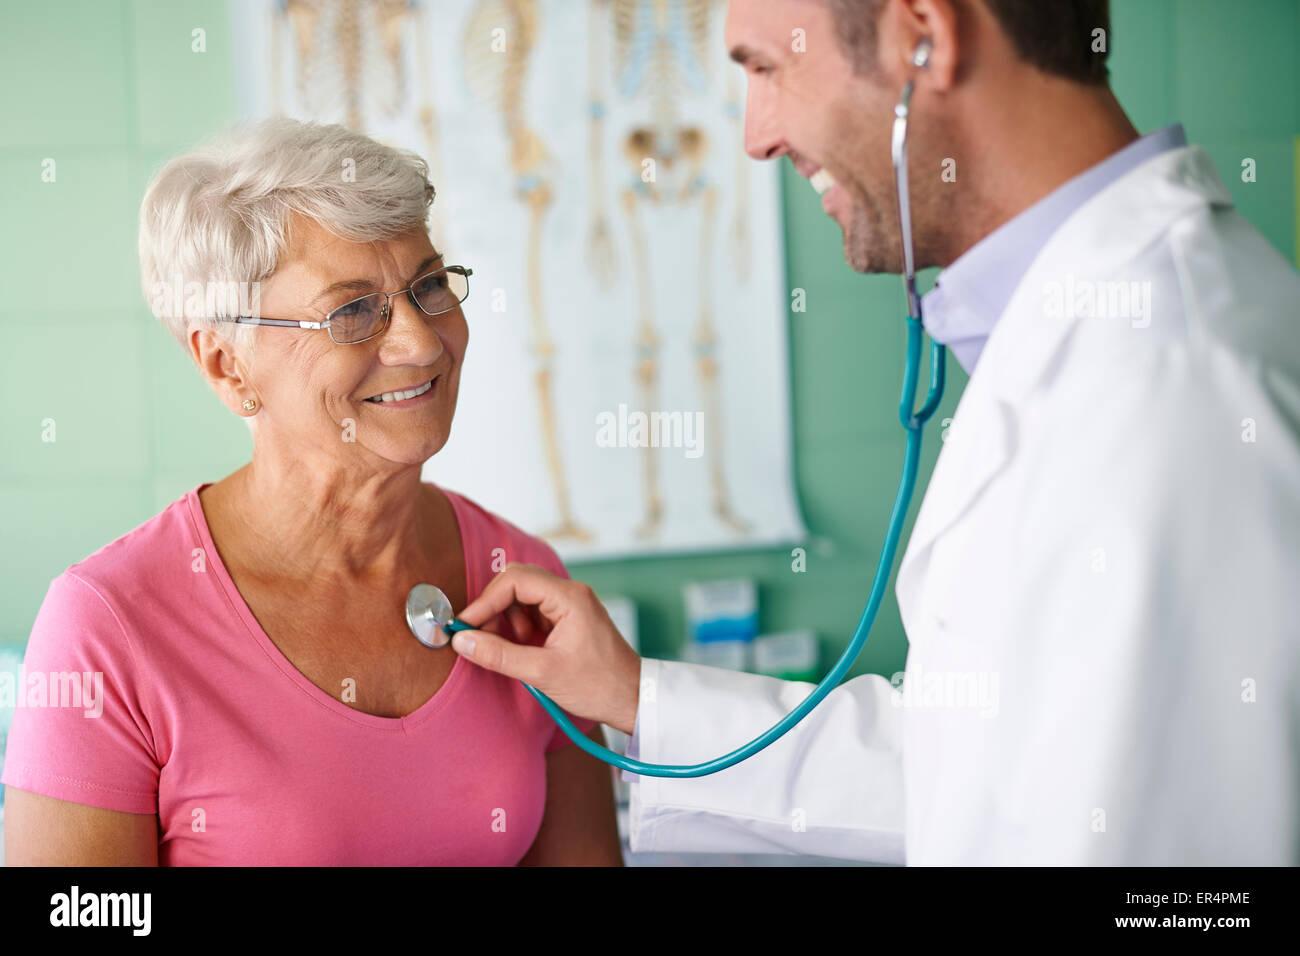 Visitas en mi médico no son desagradables. Debica, Polonia Imagen De Stock